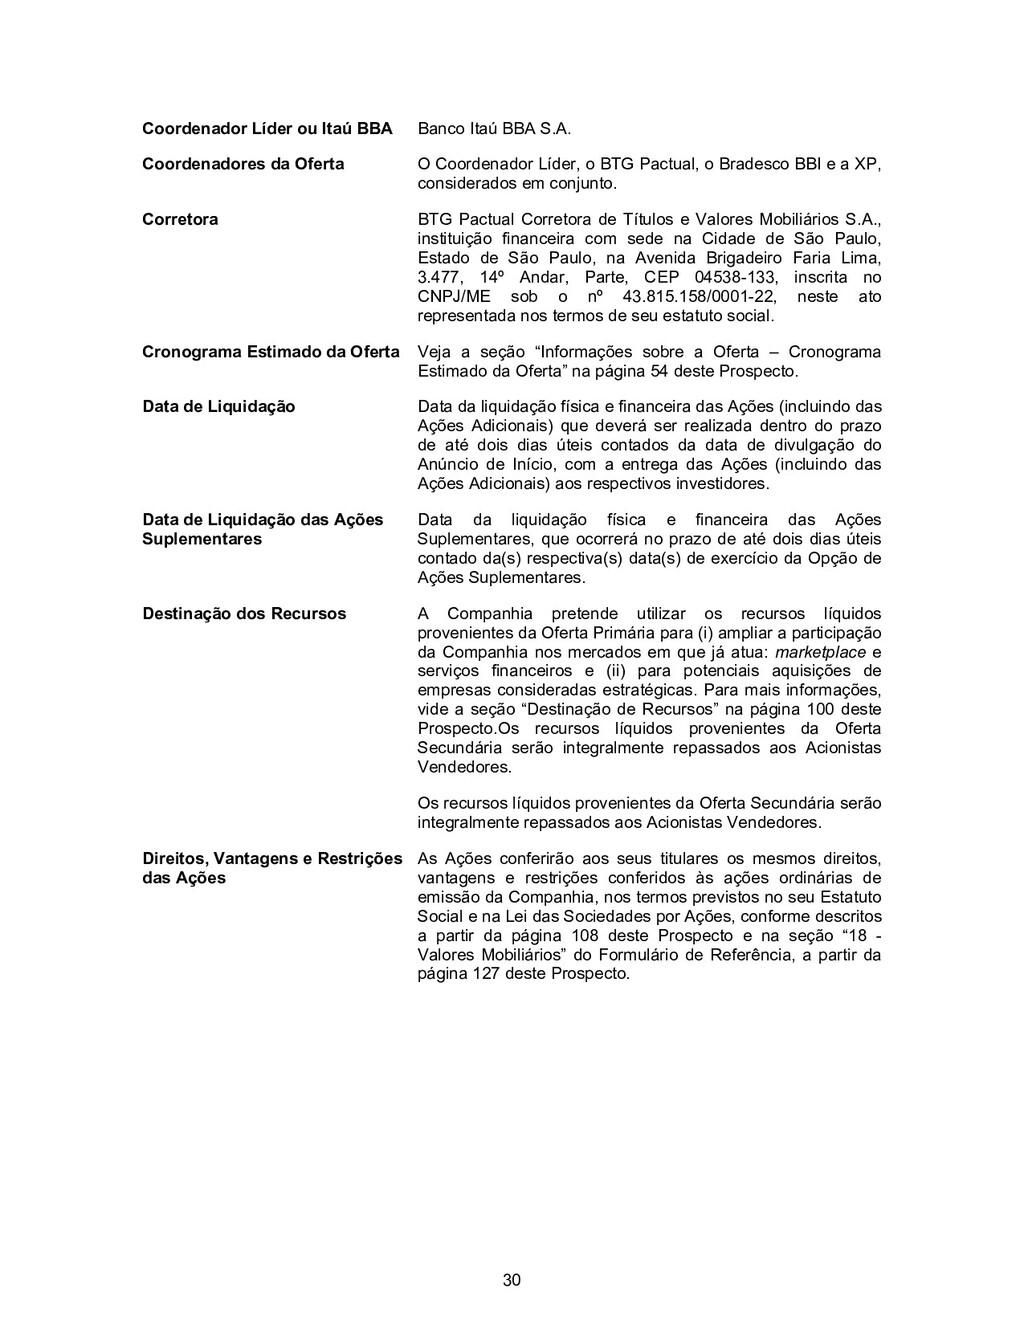 30 Coordenador Líder ou Itaú BBA Banco Itaú BBA...